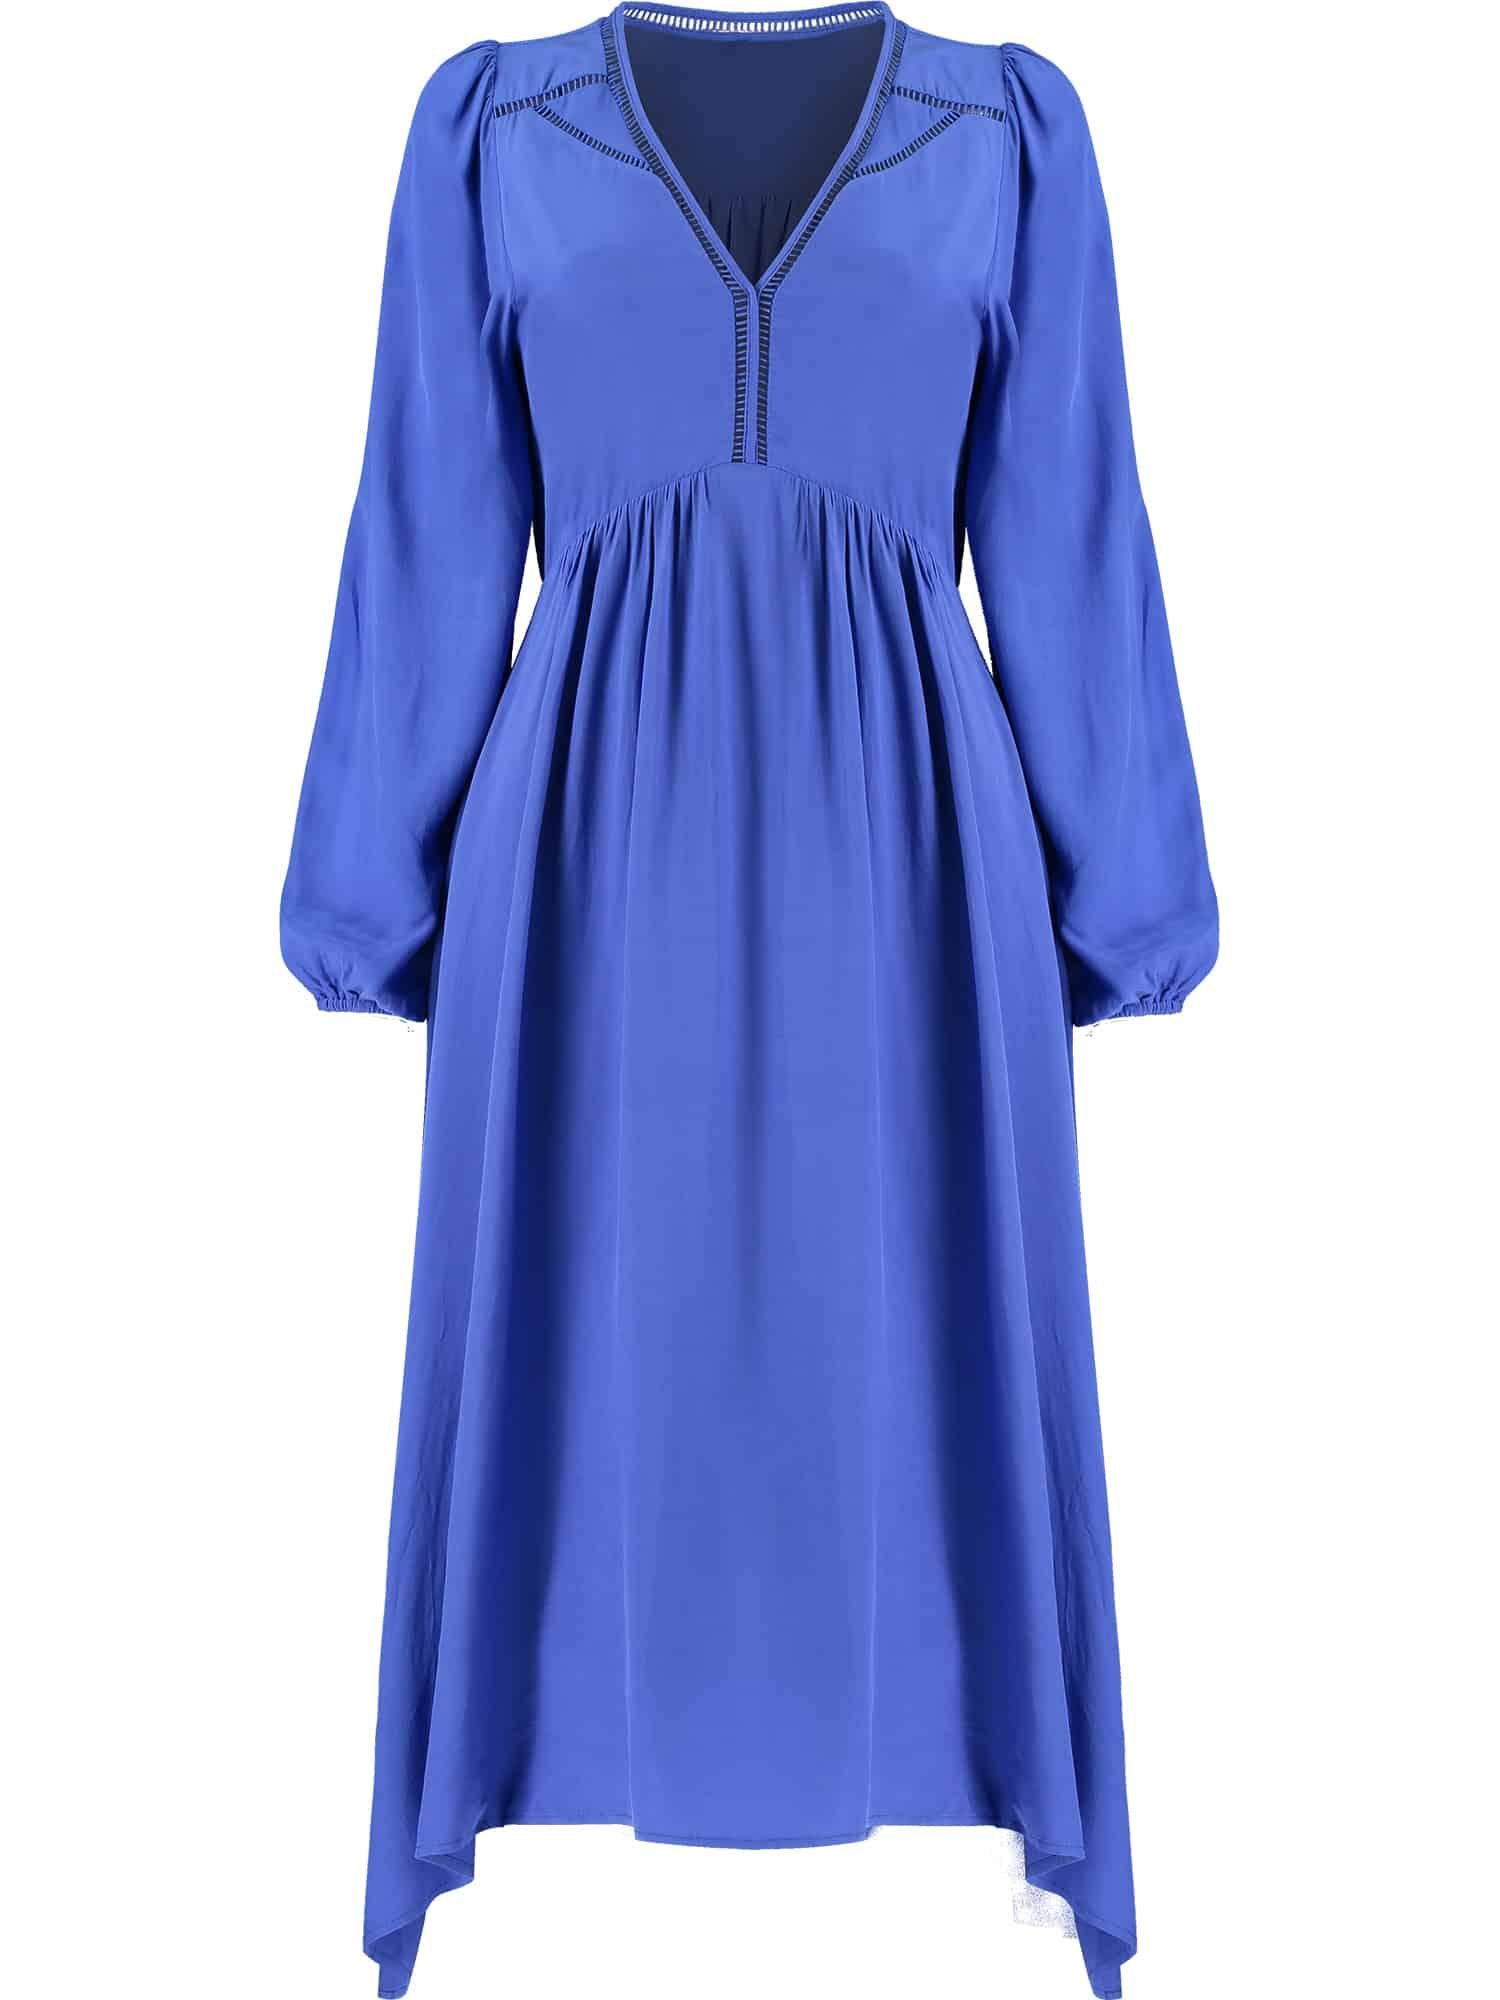 Blue Fluid Dress